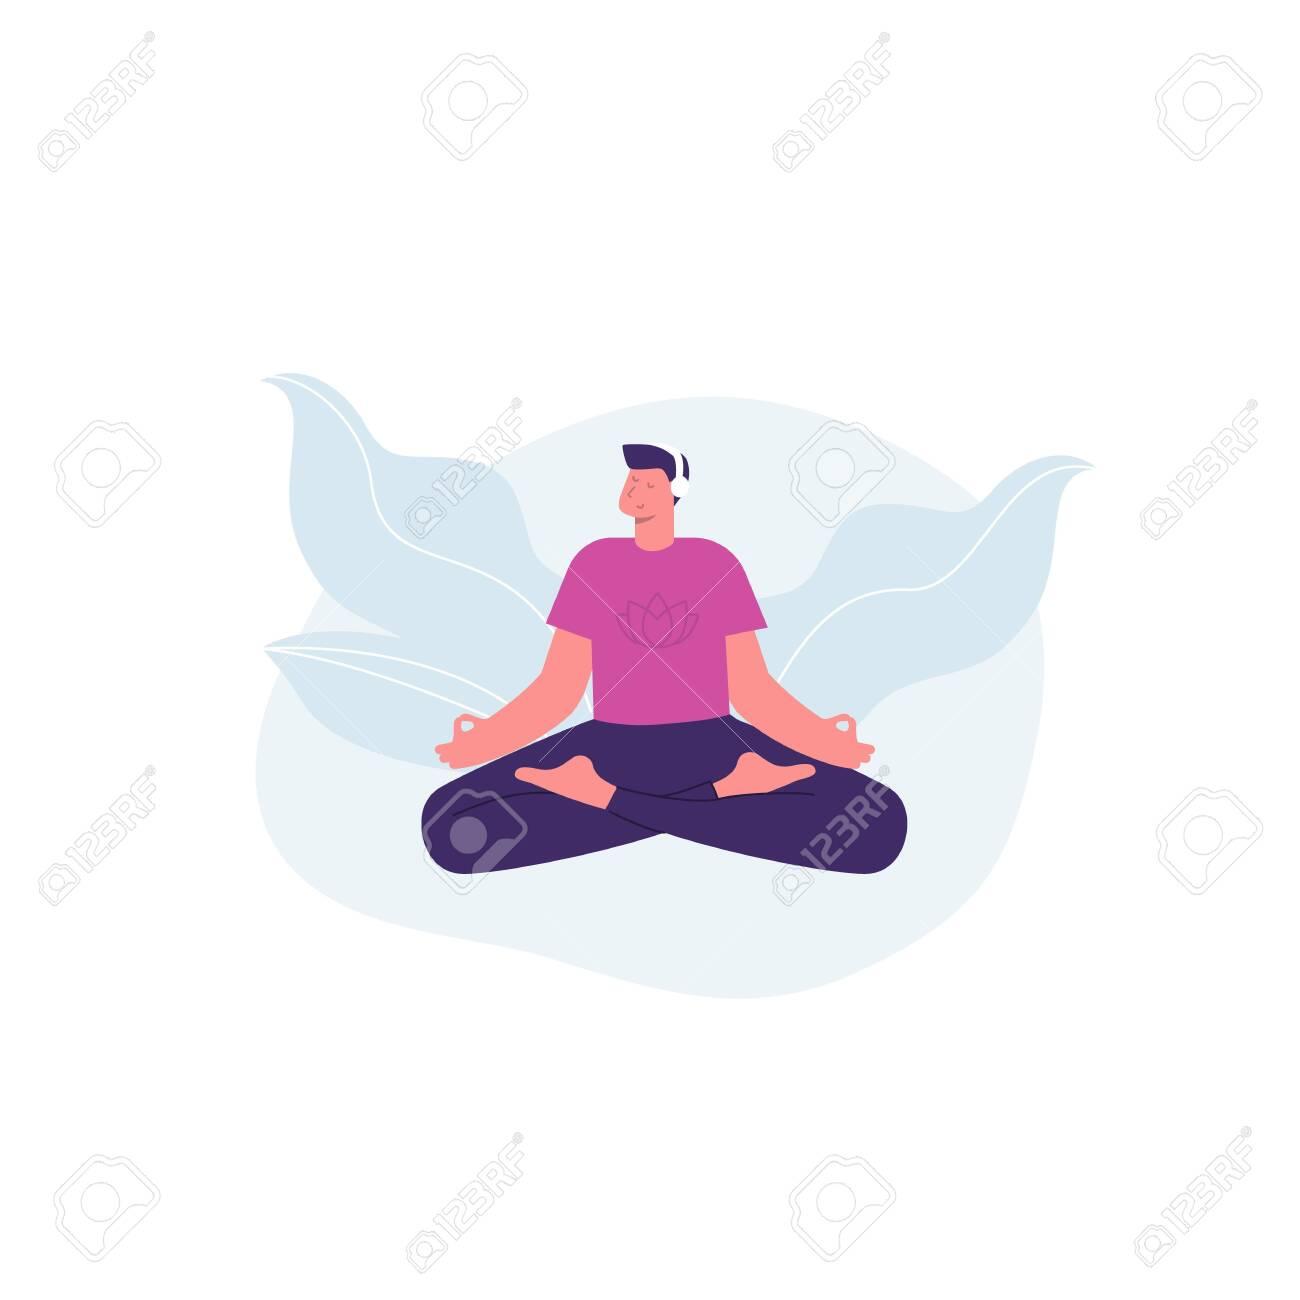 Meditation man. Yoga. Man with headphones listening guided meditation. Vector illustration - 148299123